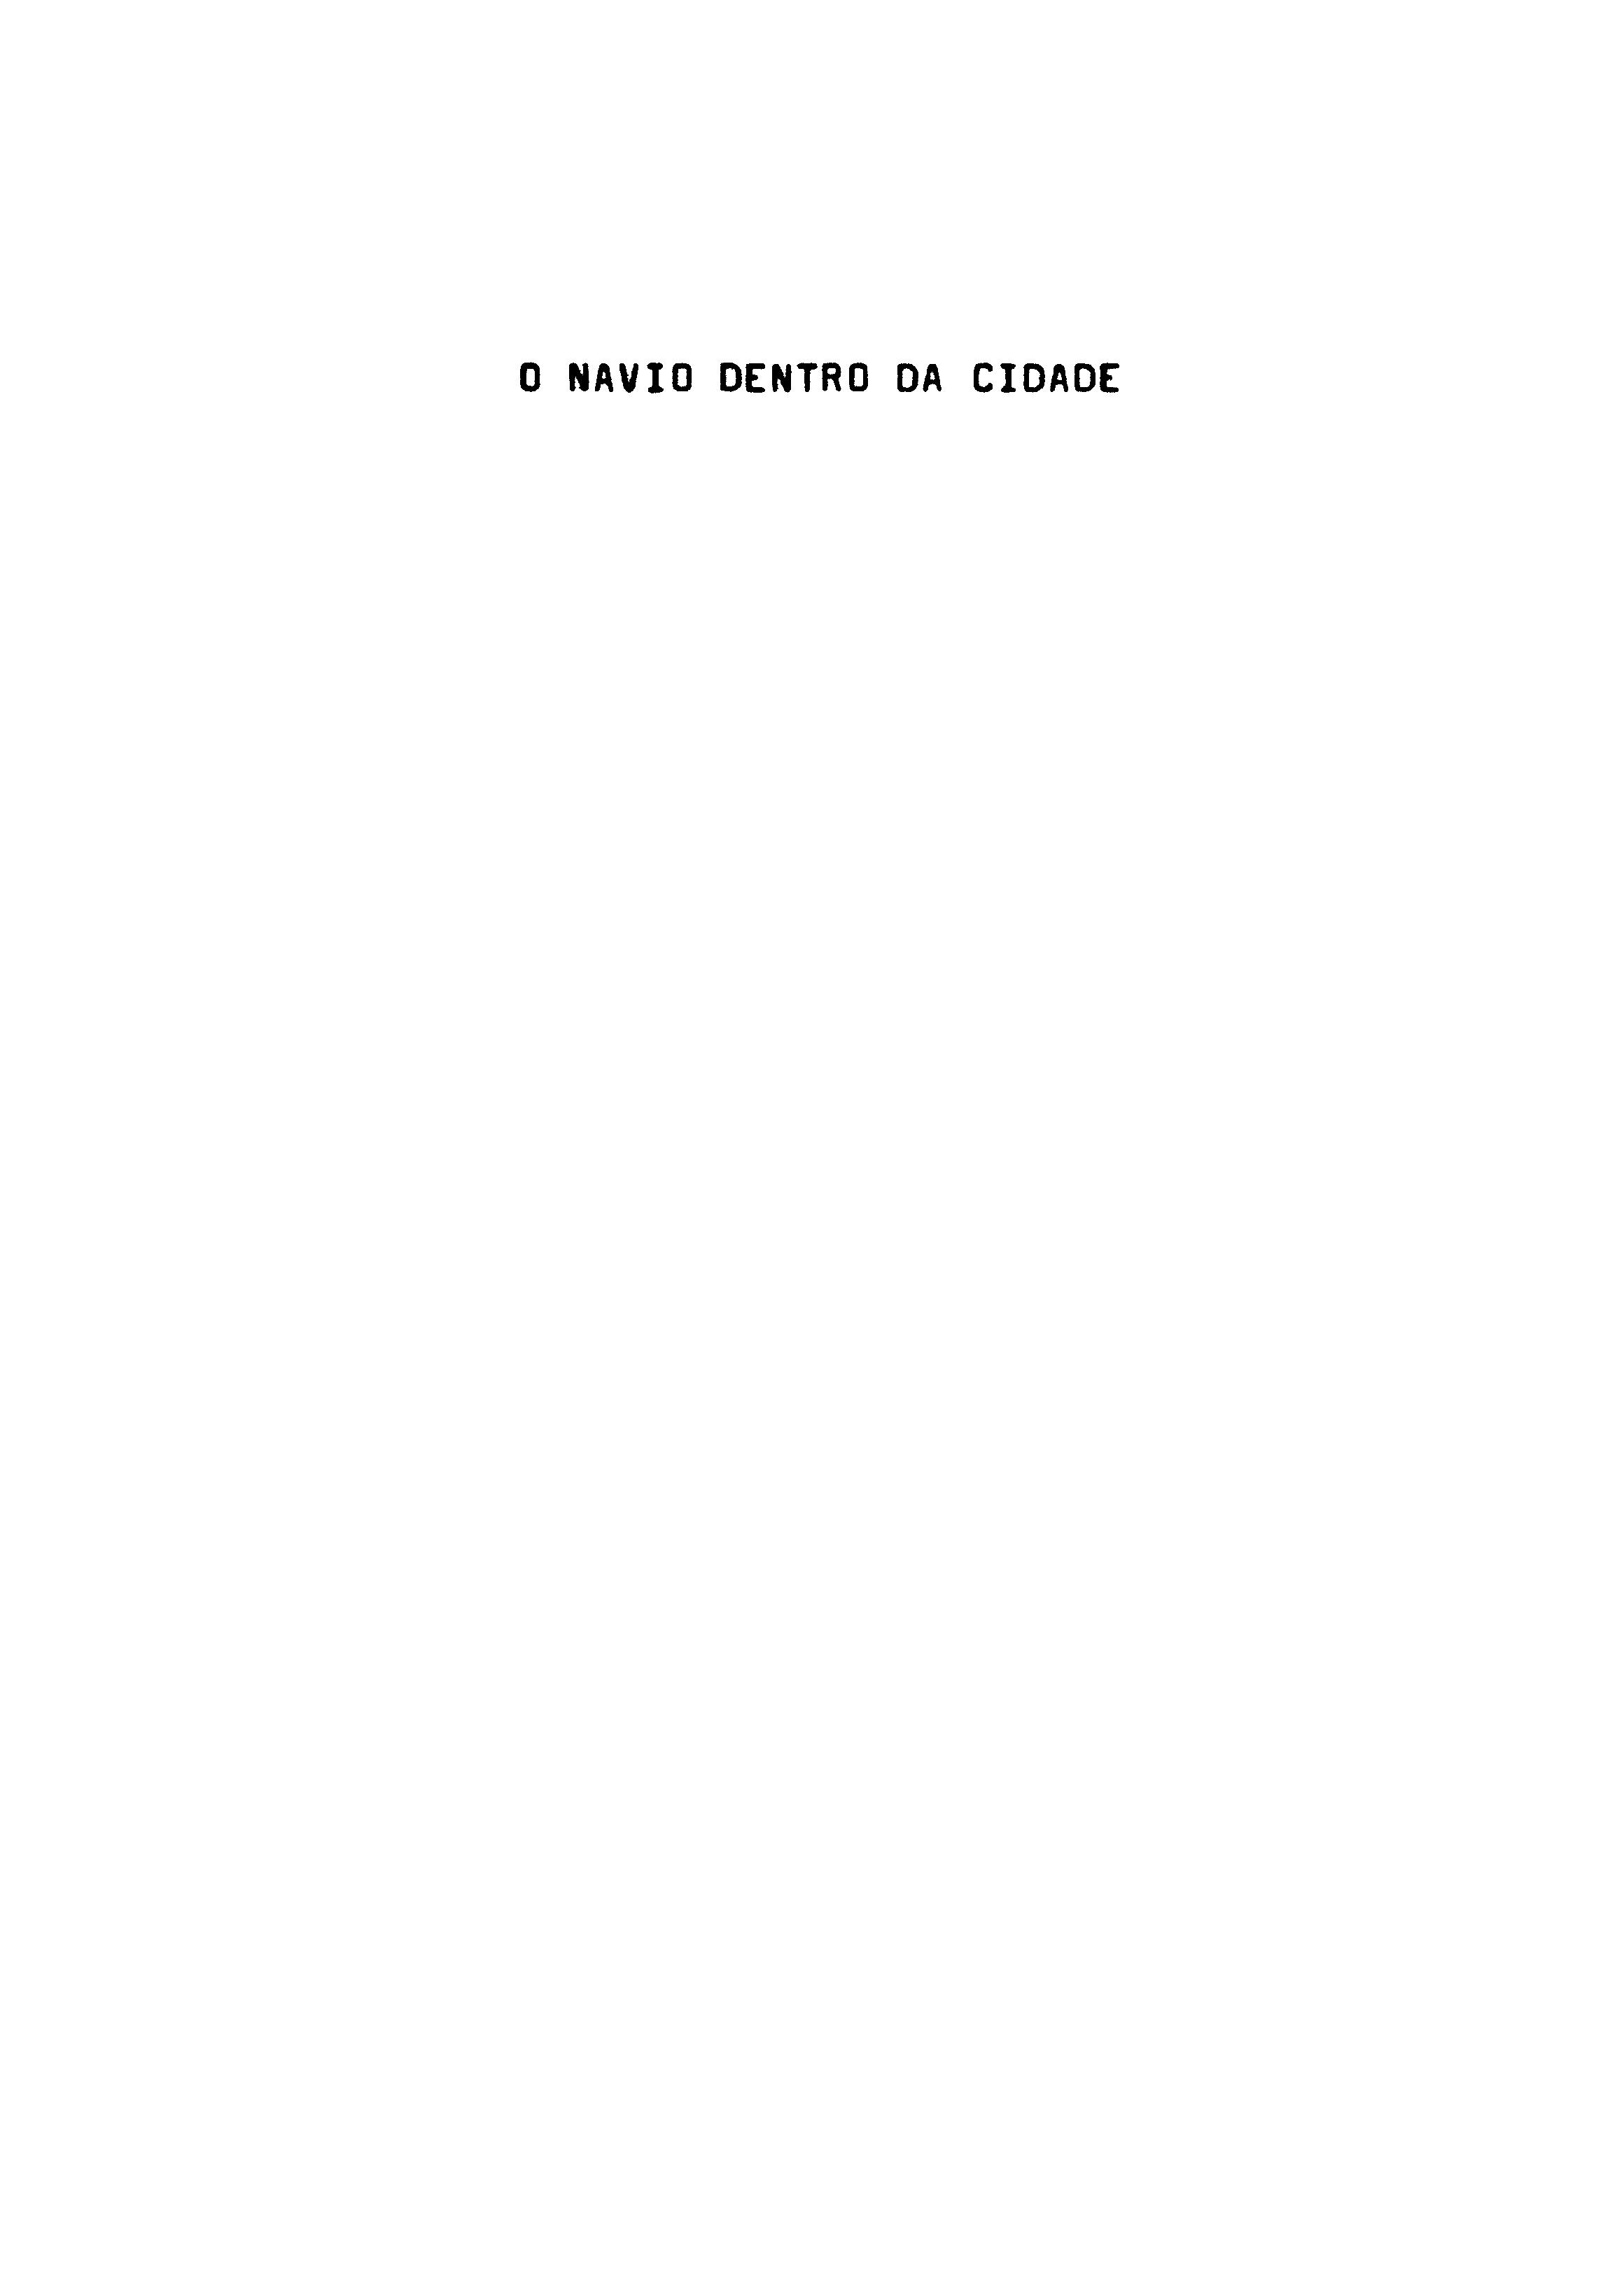 02968.034.012- pag.1